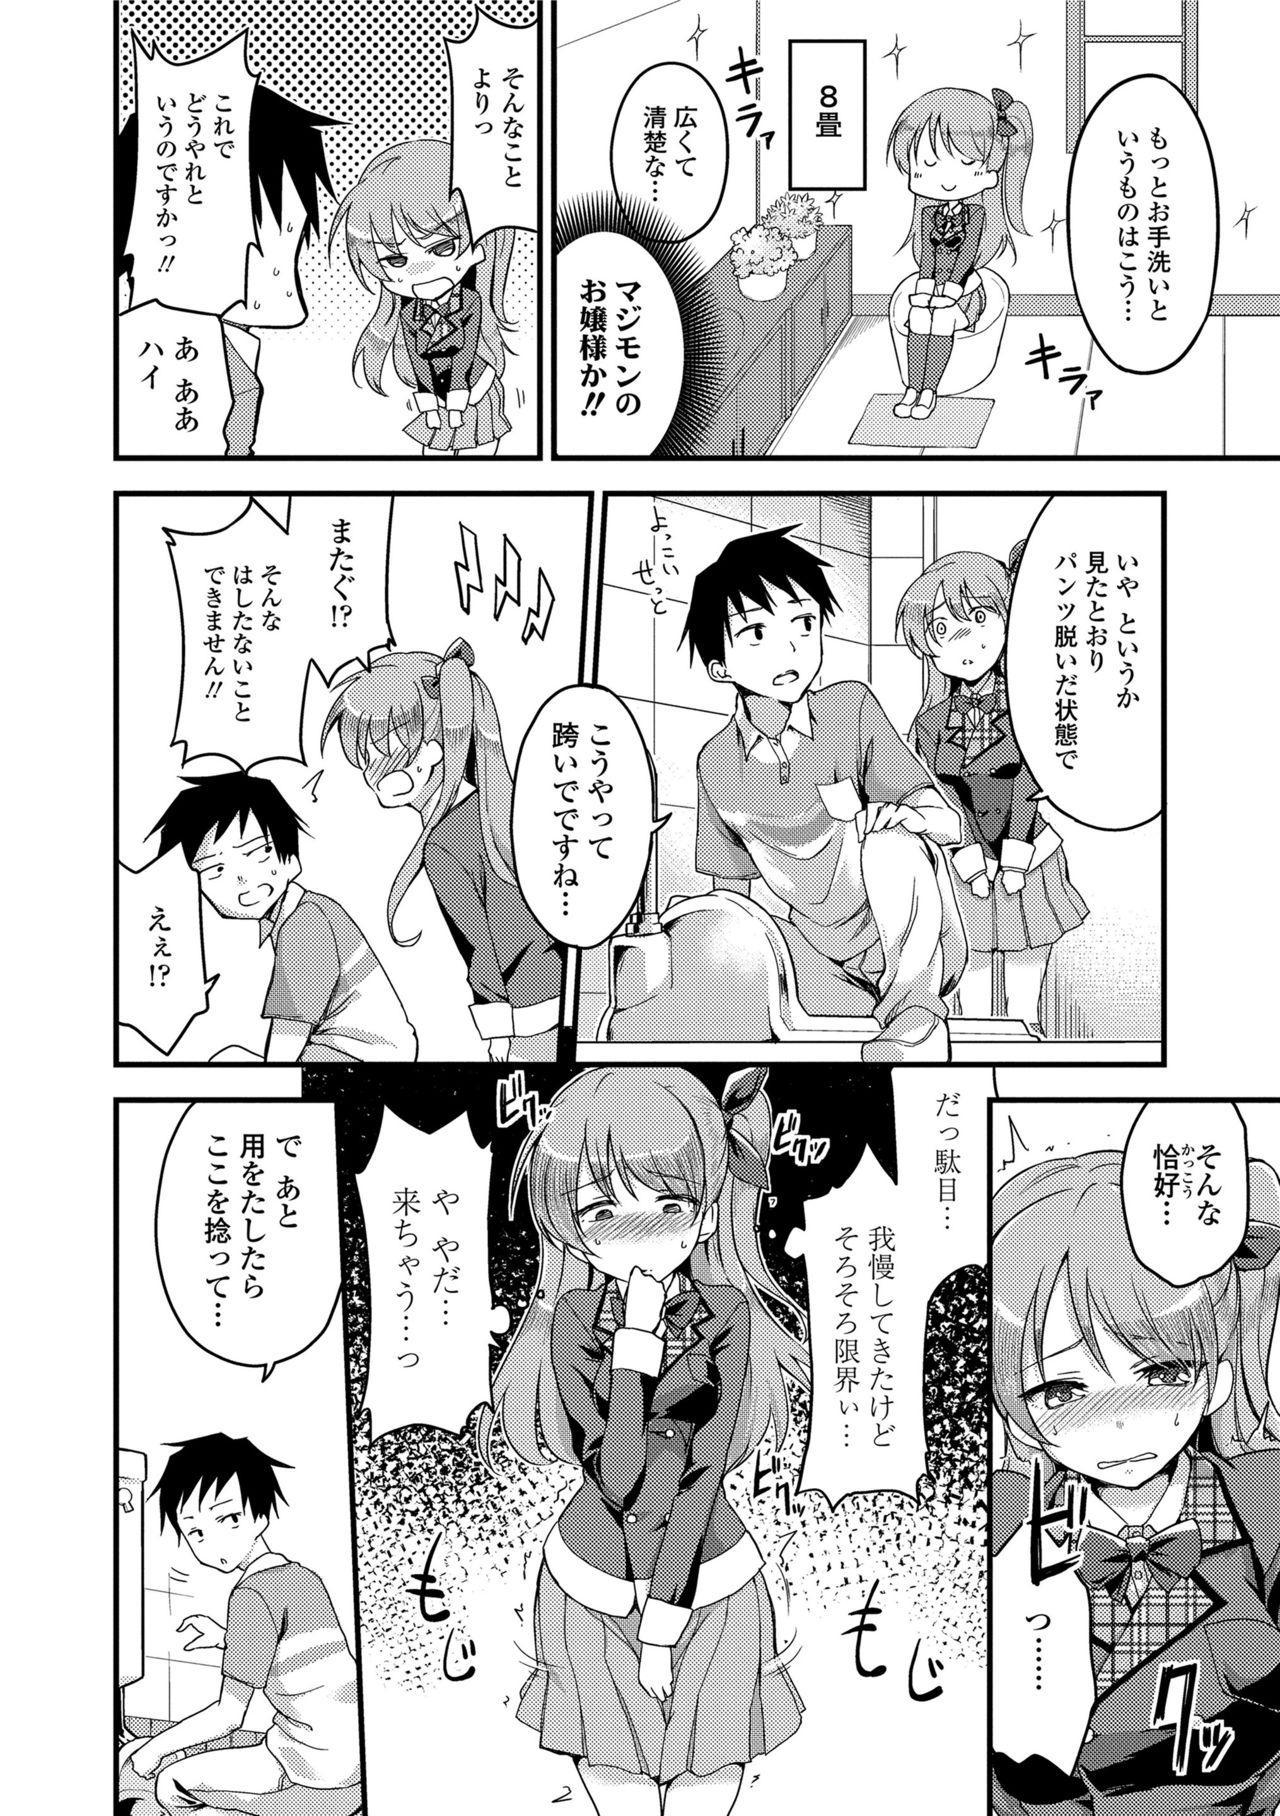 Ai ga Nakutemo Ecchi wa Dekiru! - Even if There is No Love You Can H! 191